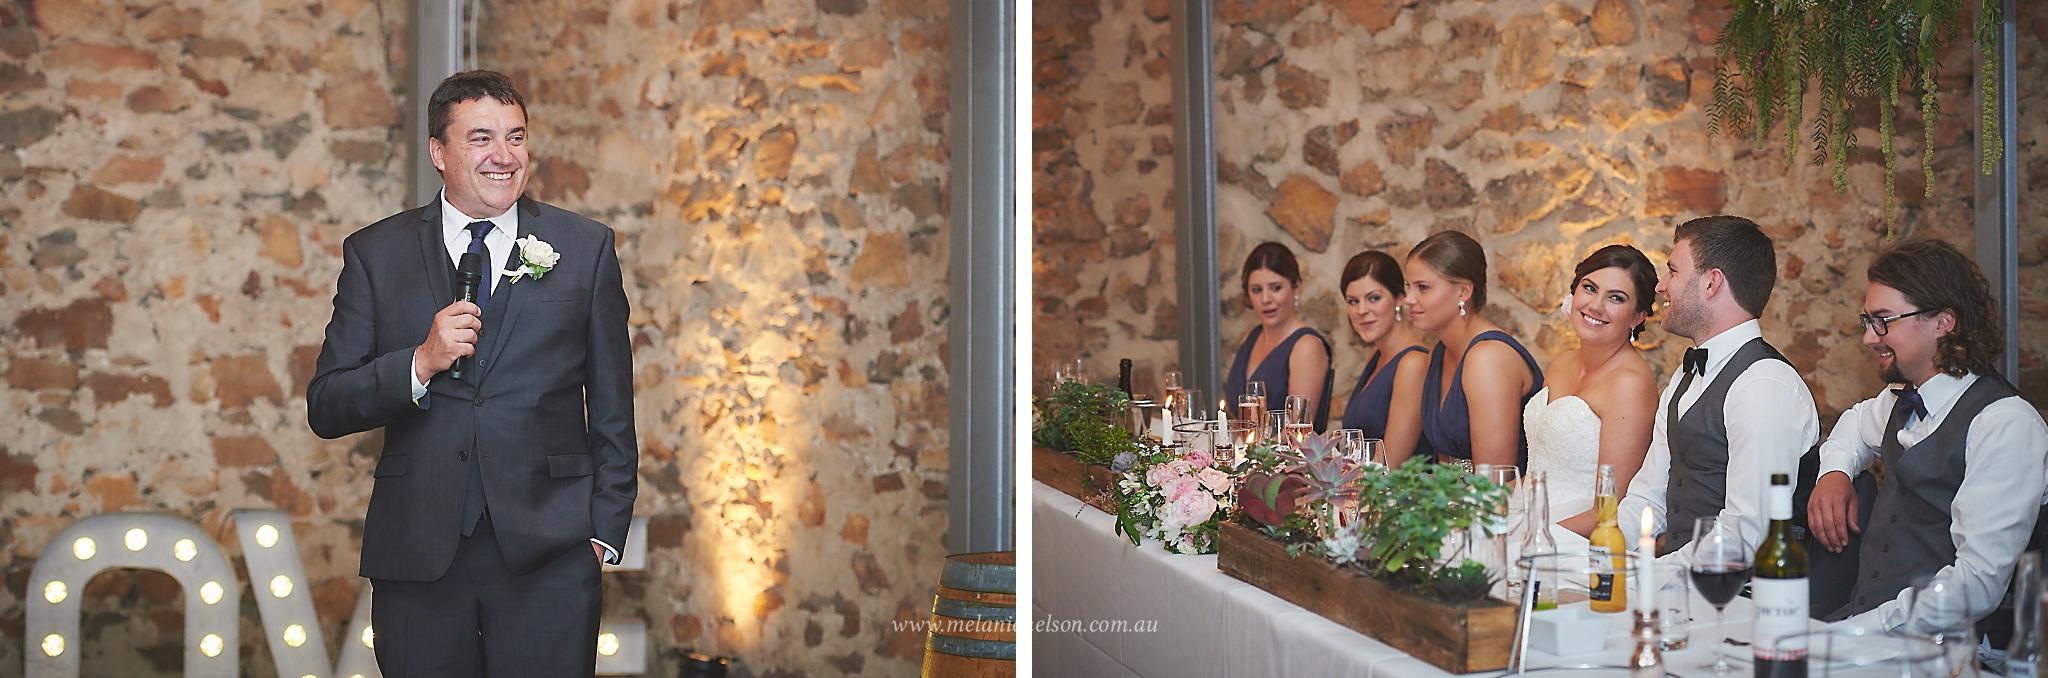 howards_vineyard_wedding_0038.jpg